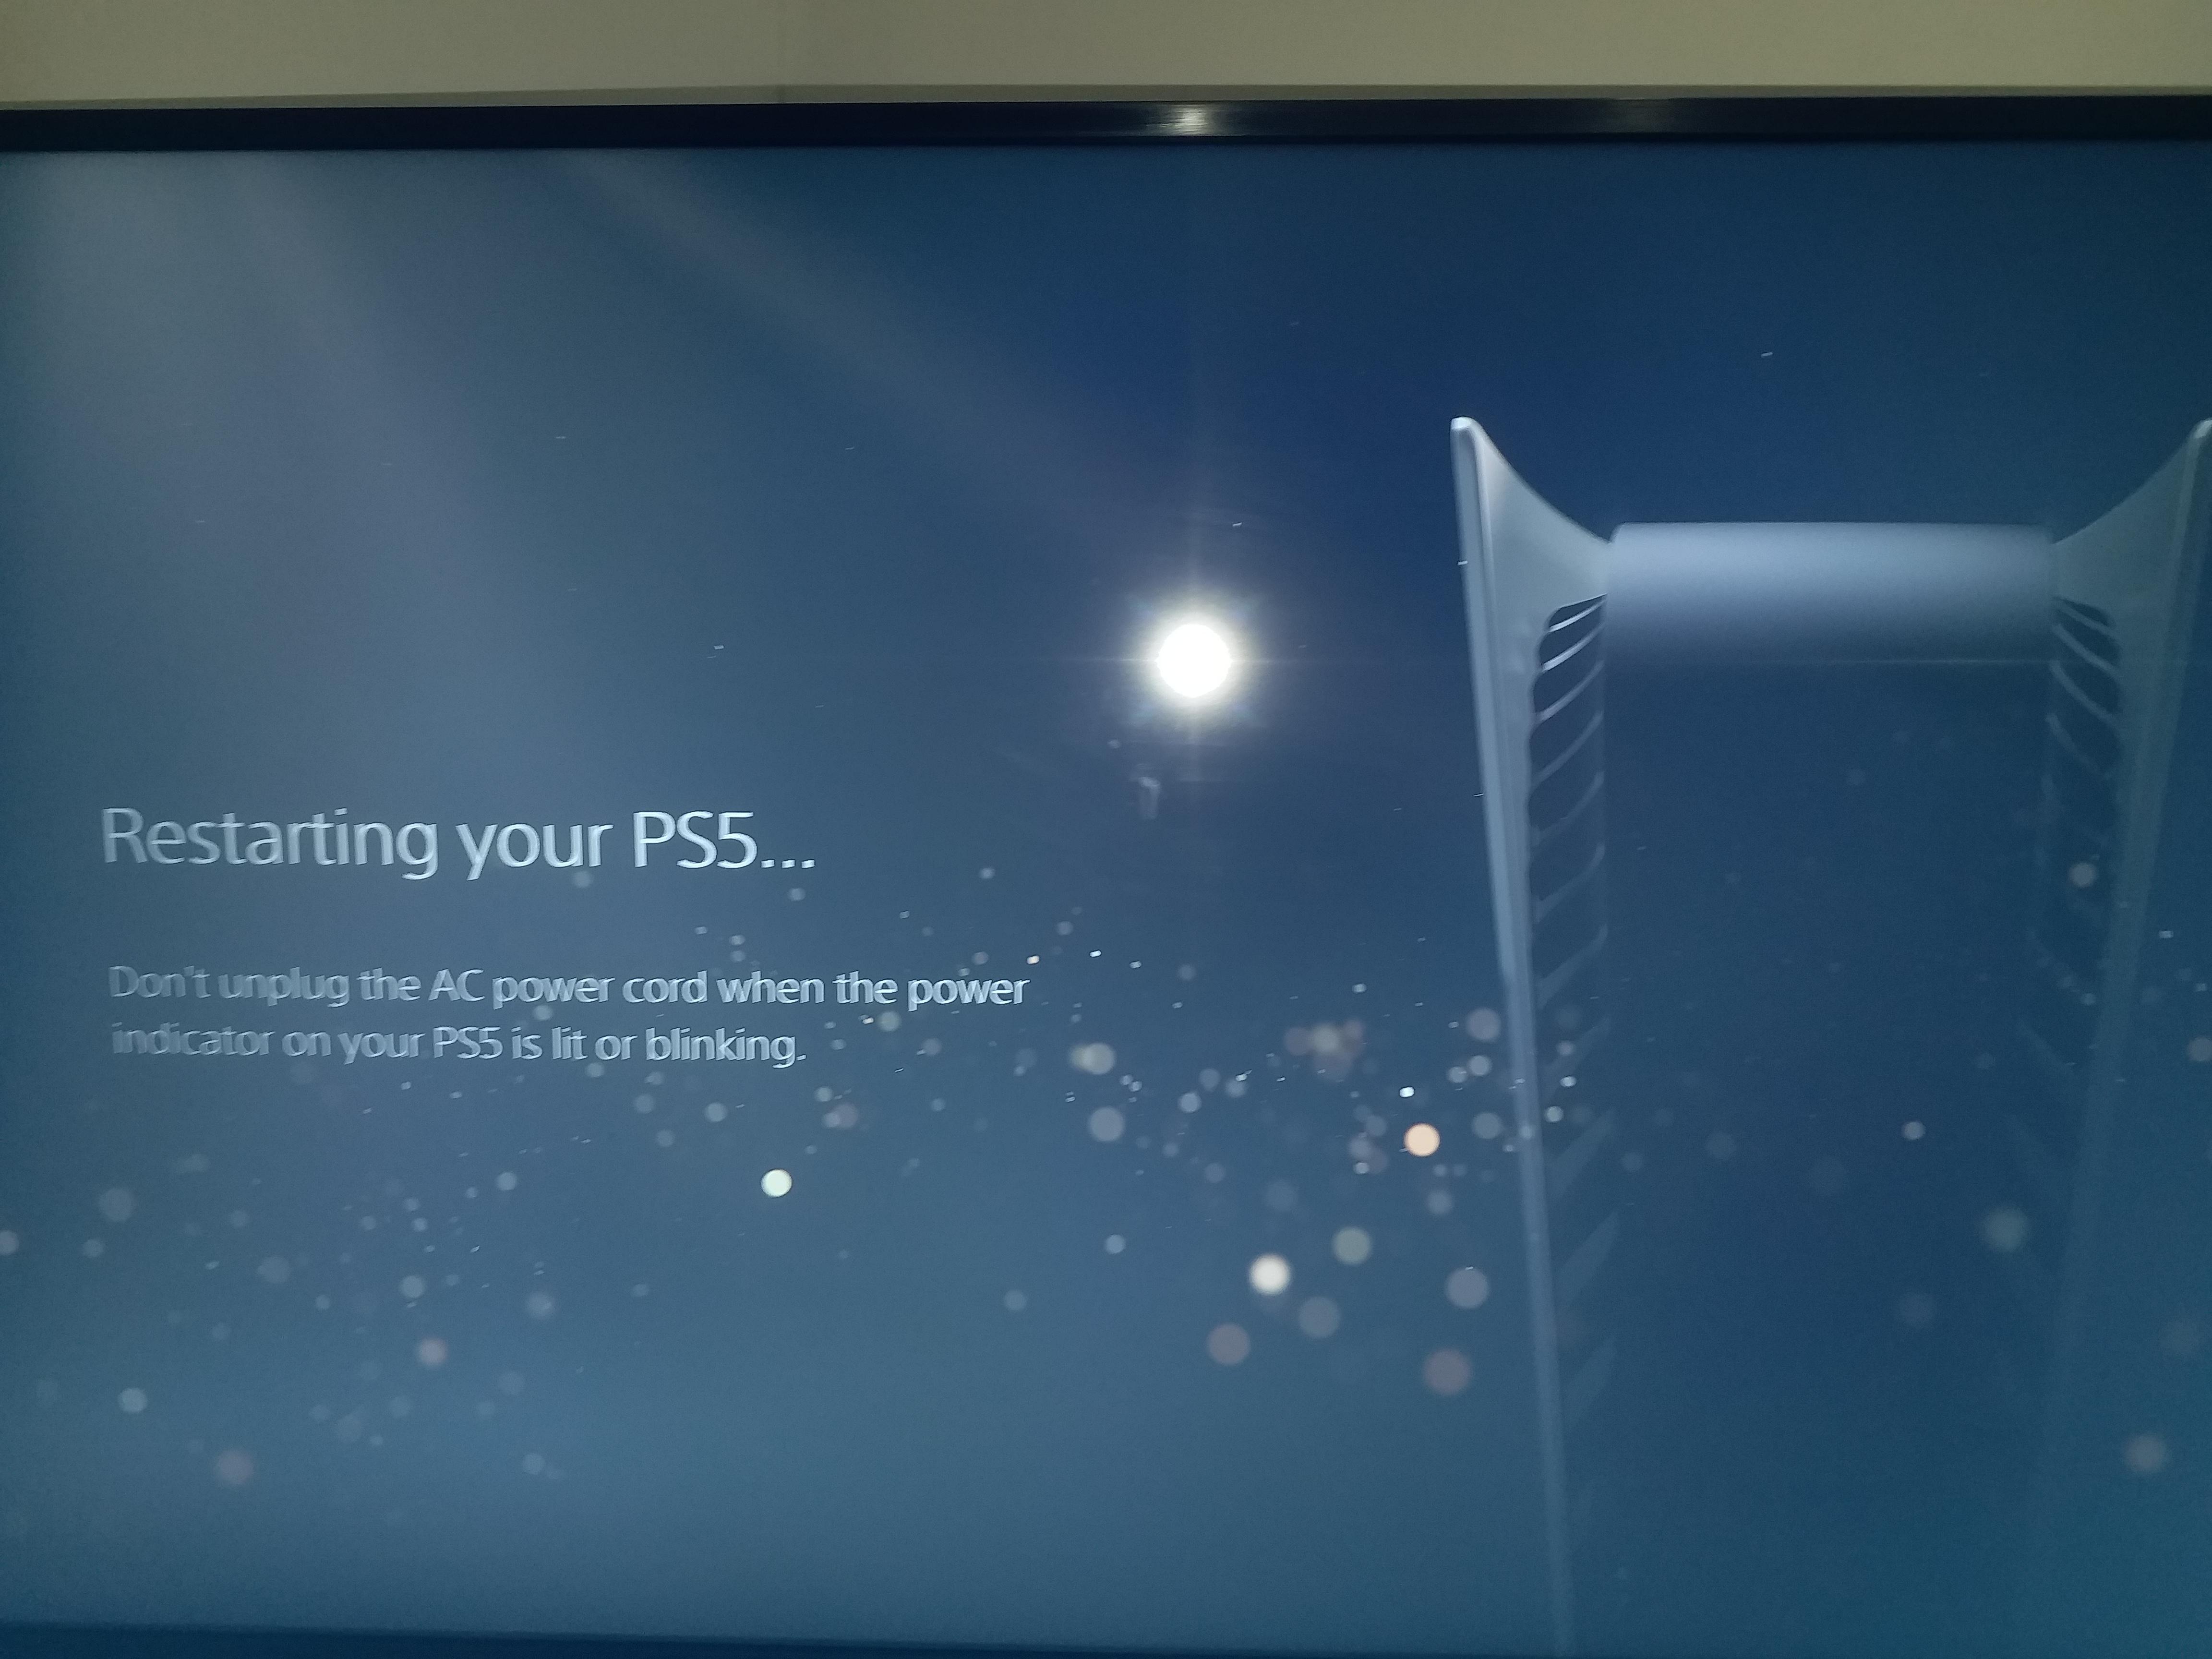 PS5'i yeniden başlatma